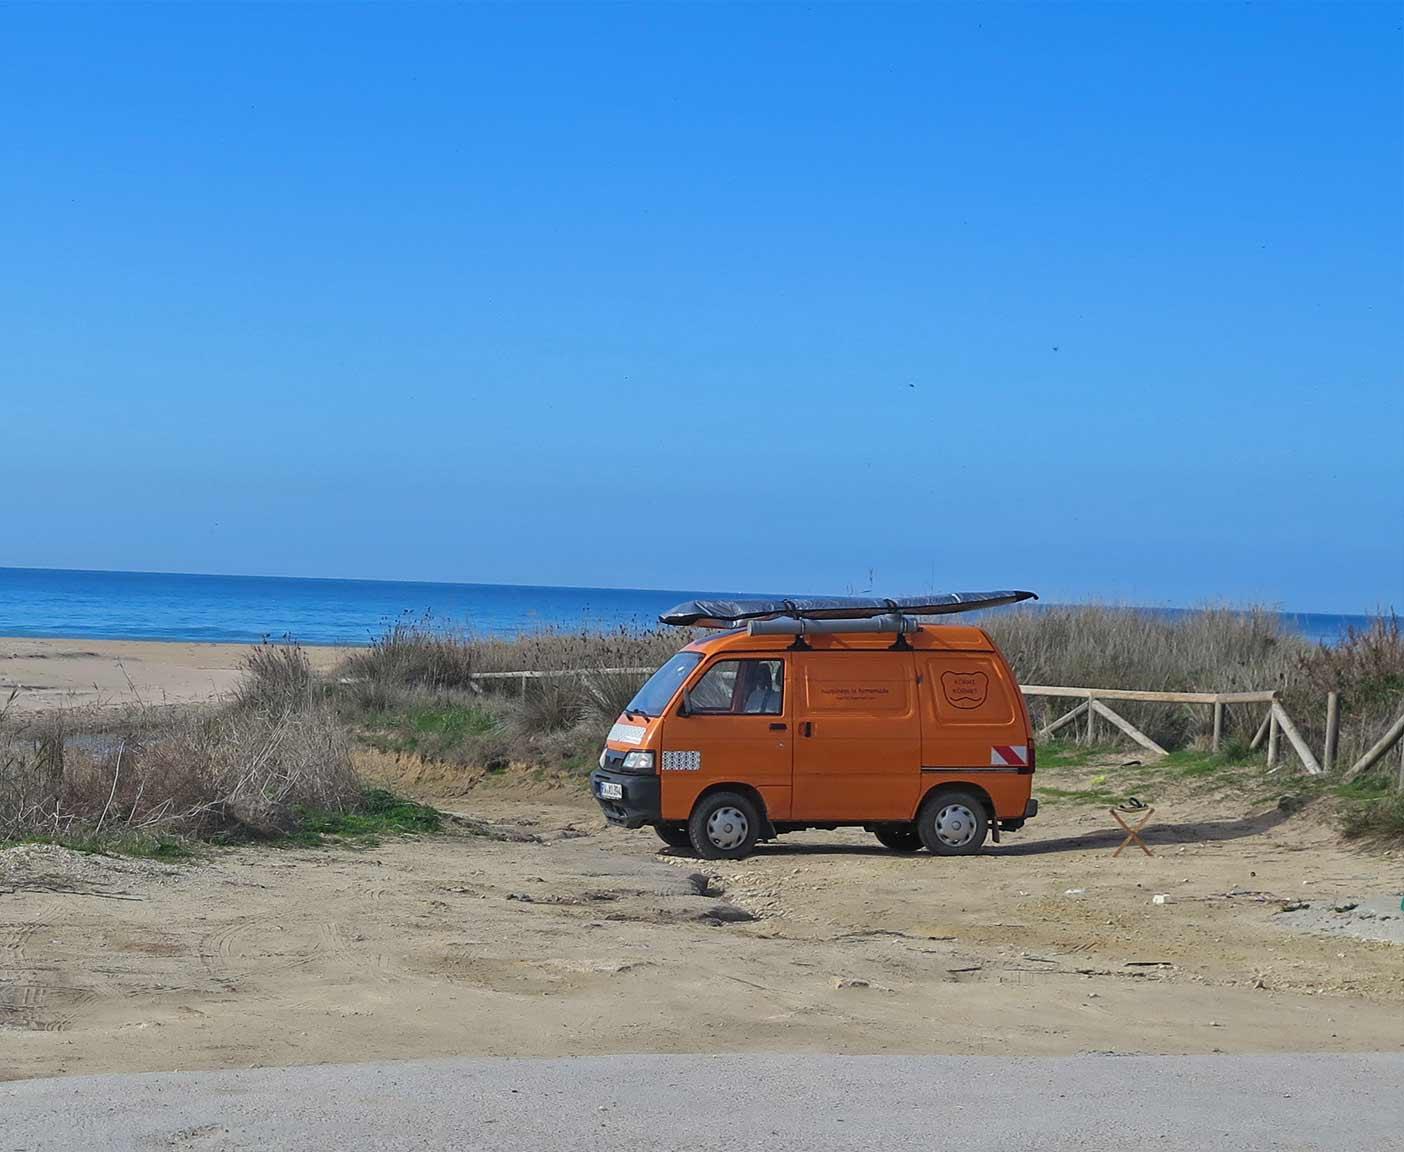 piaggio porter-minicamper-minivan-camper-mini-wohnmobil-kleiner-selbstausbau-17